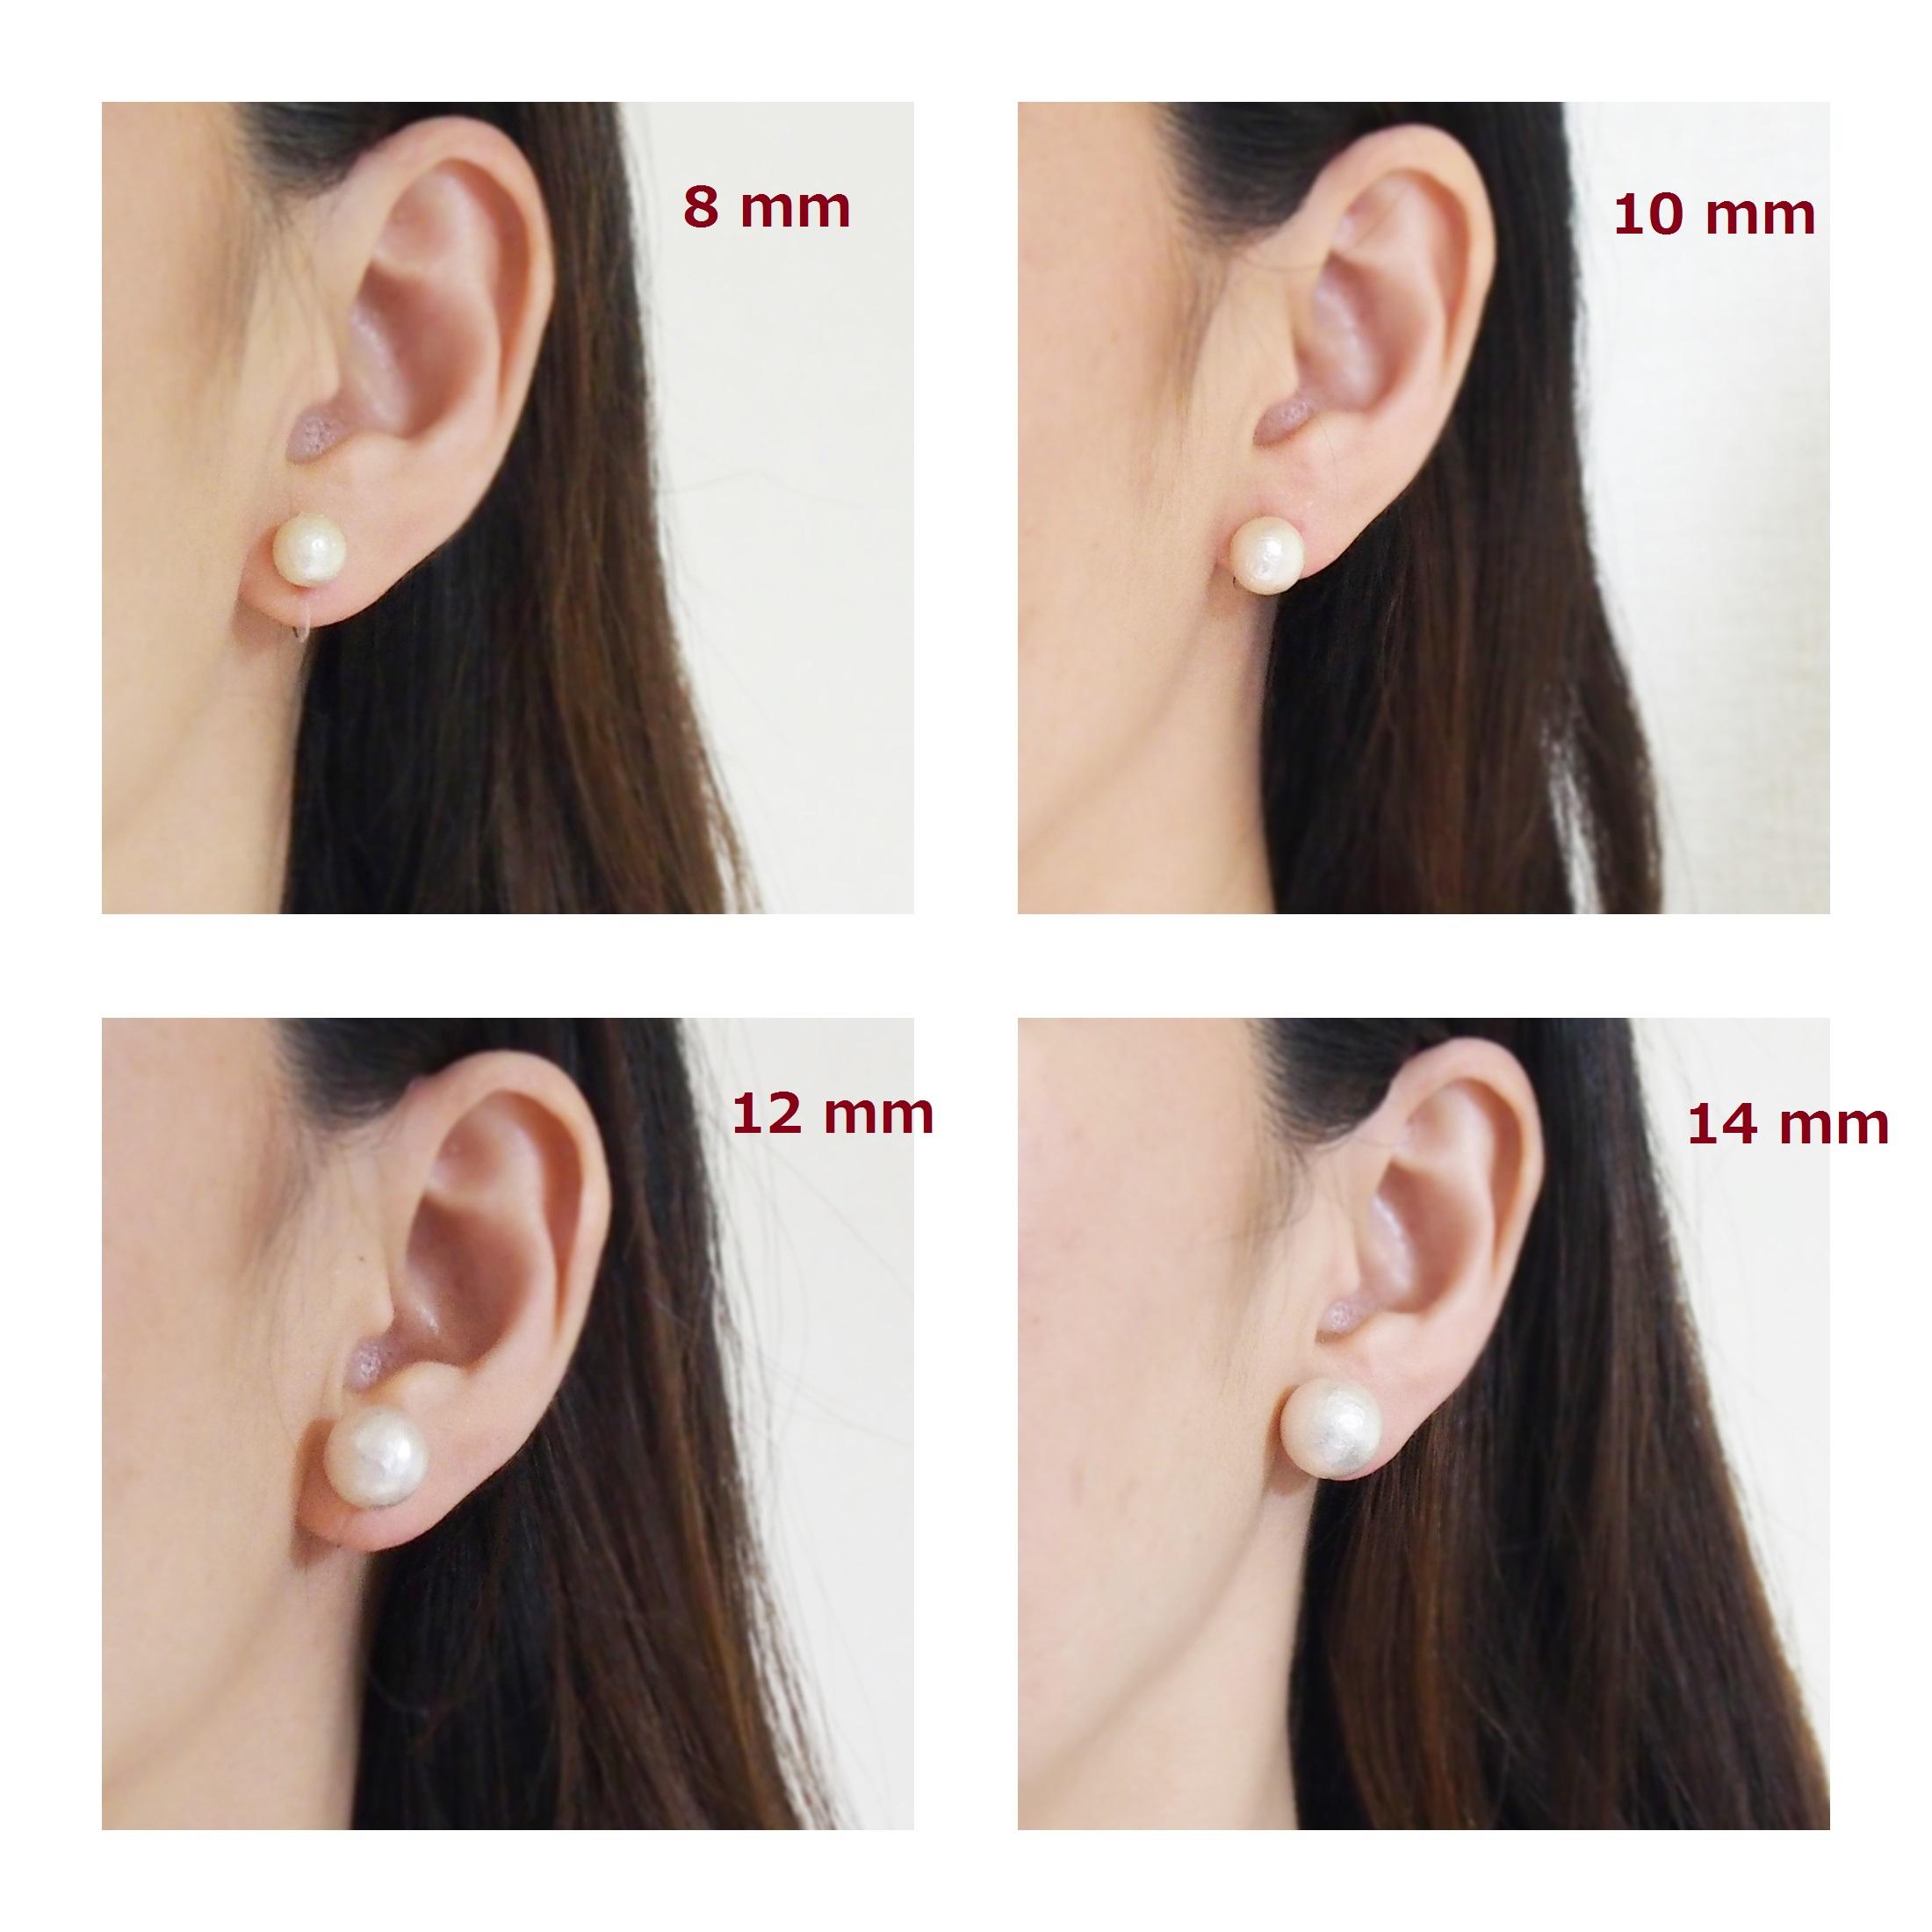 Earring Sizes Mm